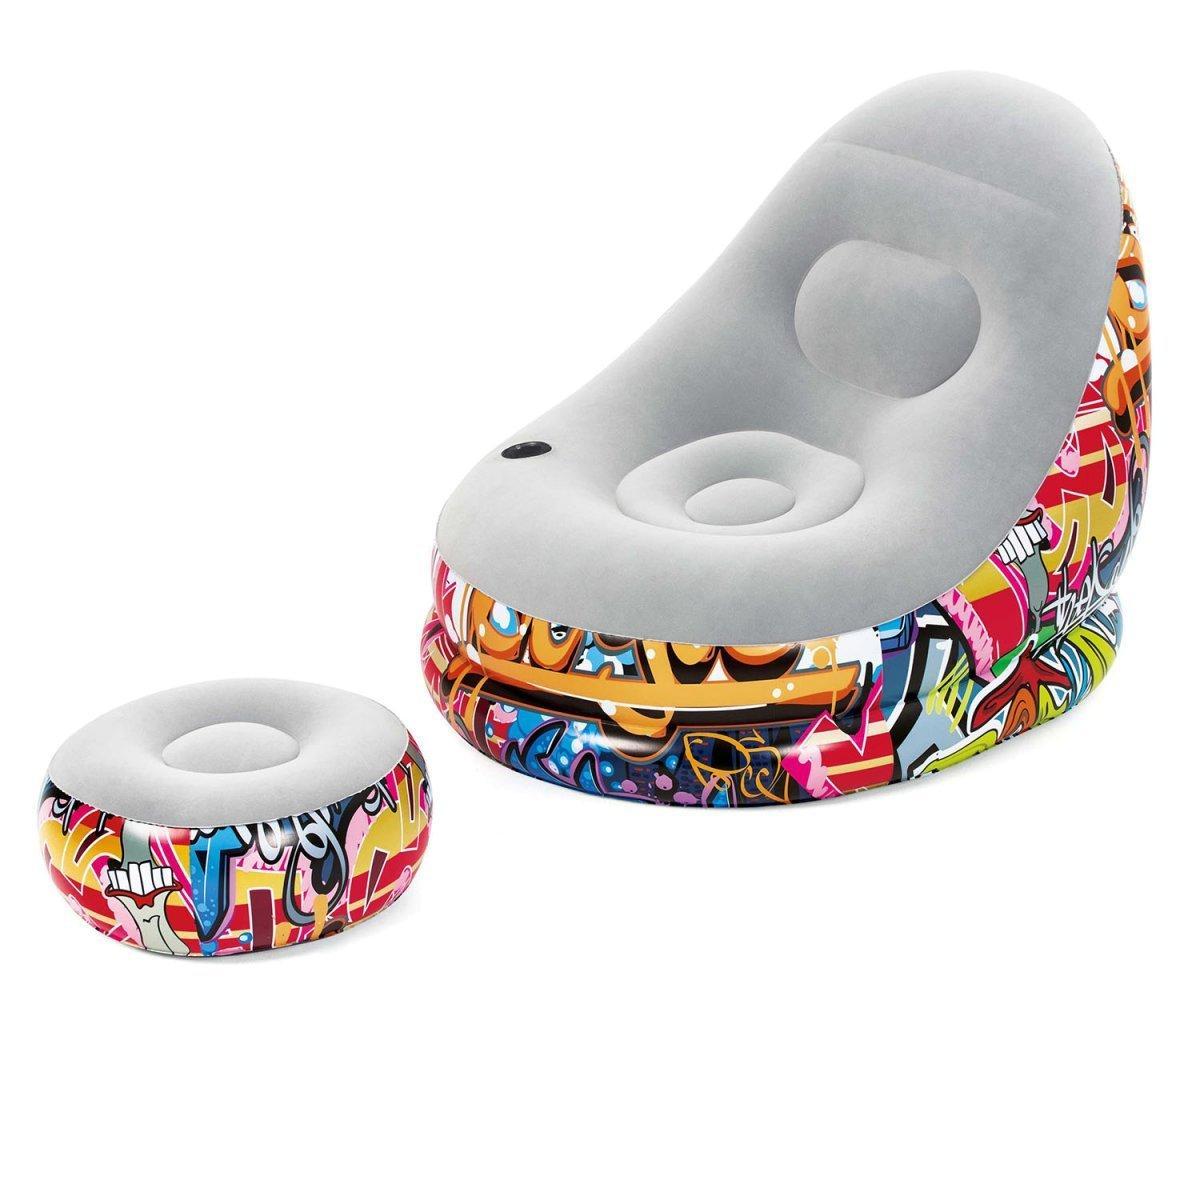 Надувне крісло велюрове з пуфом і підсклянником Bestway 75076, (121х100х86 см), графіті